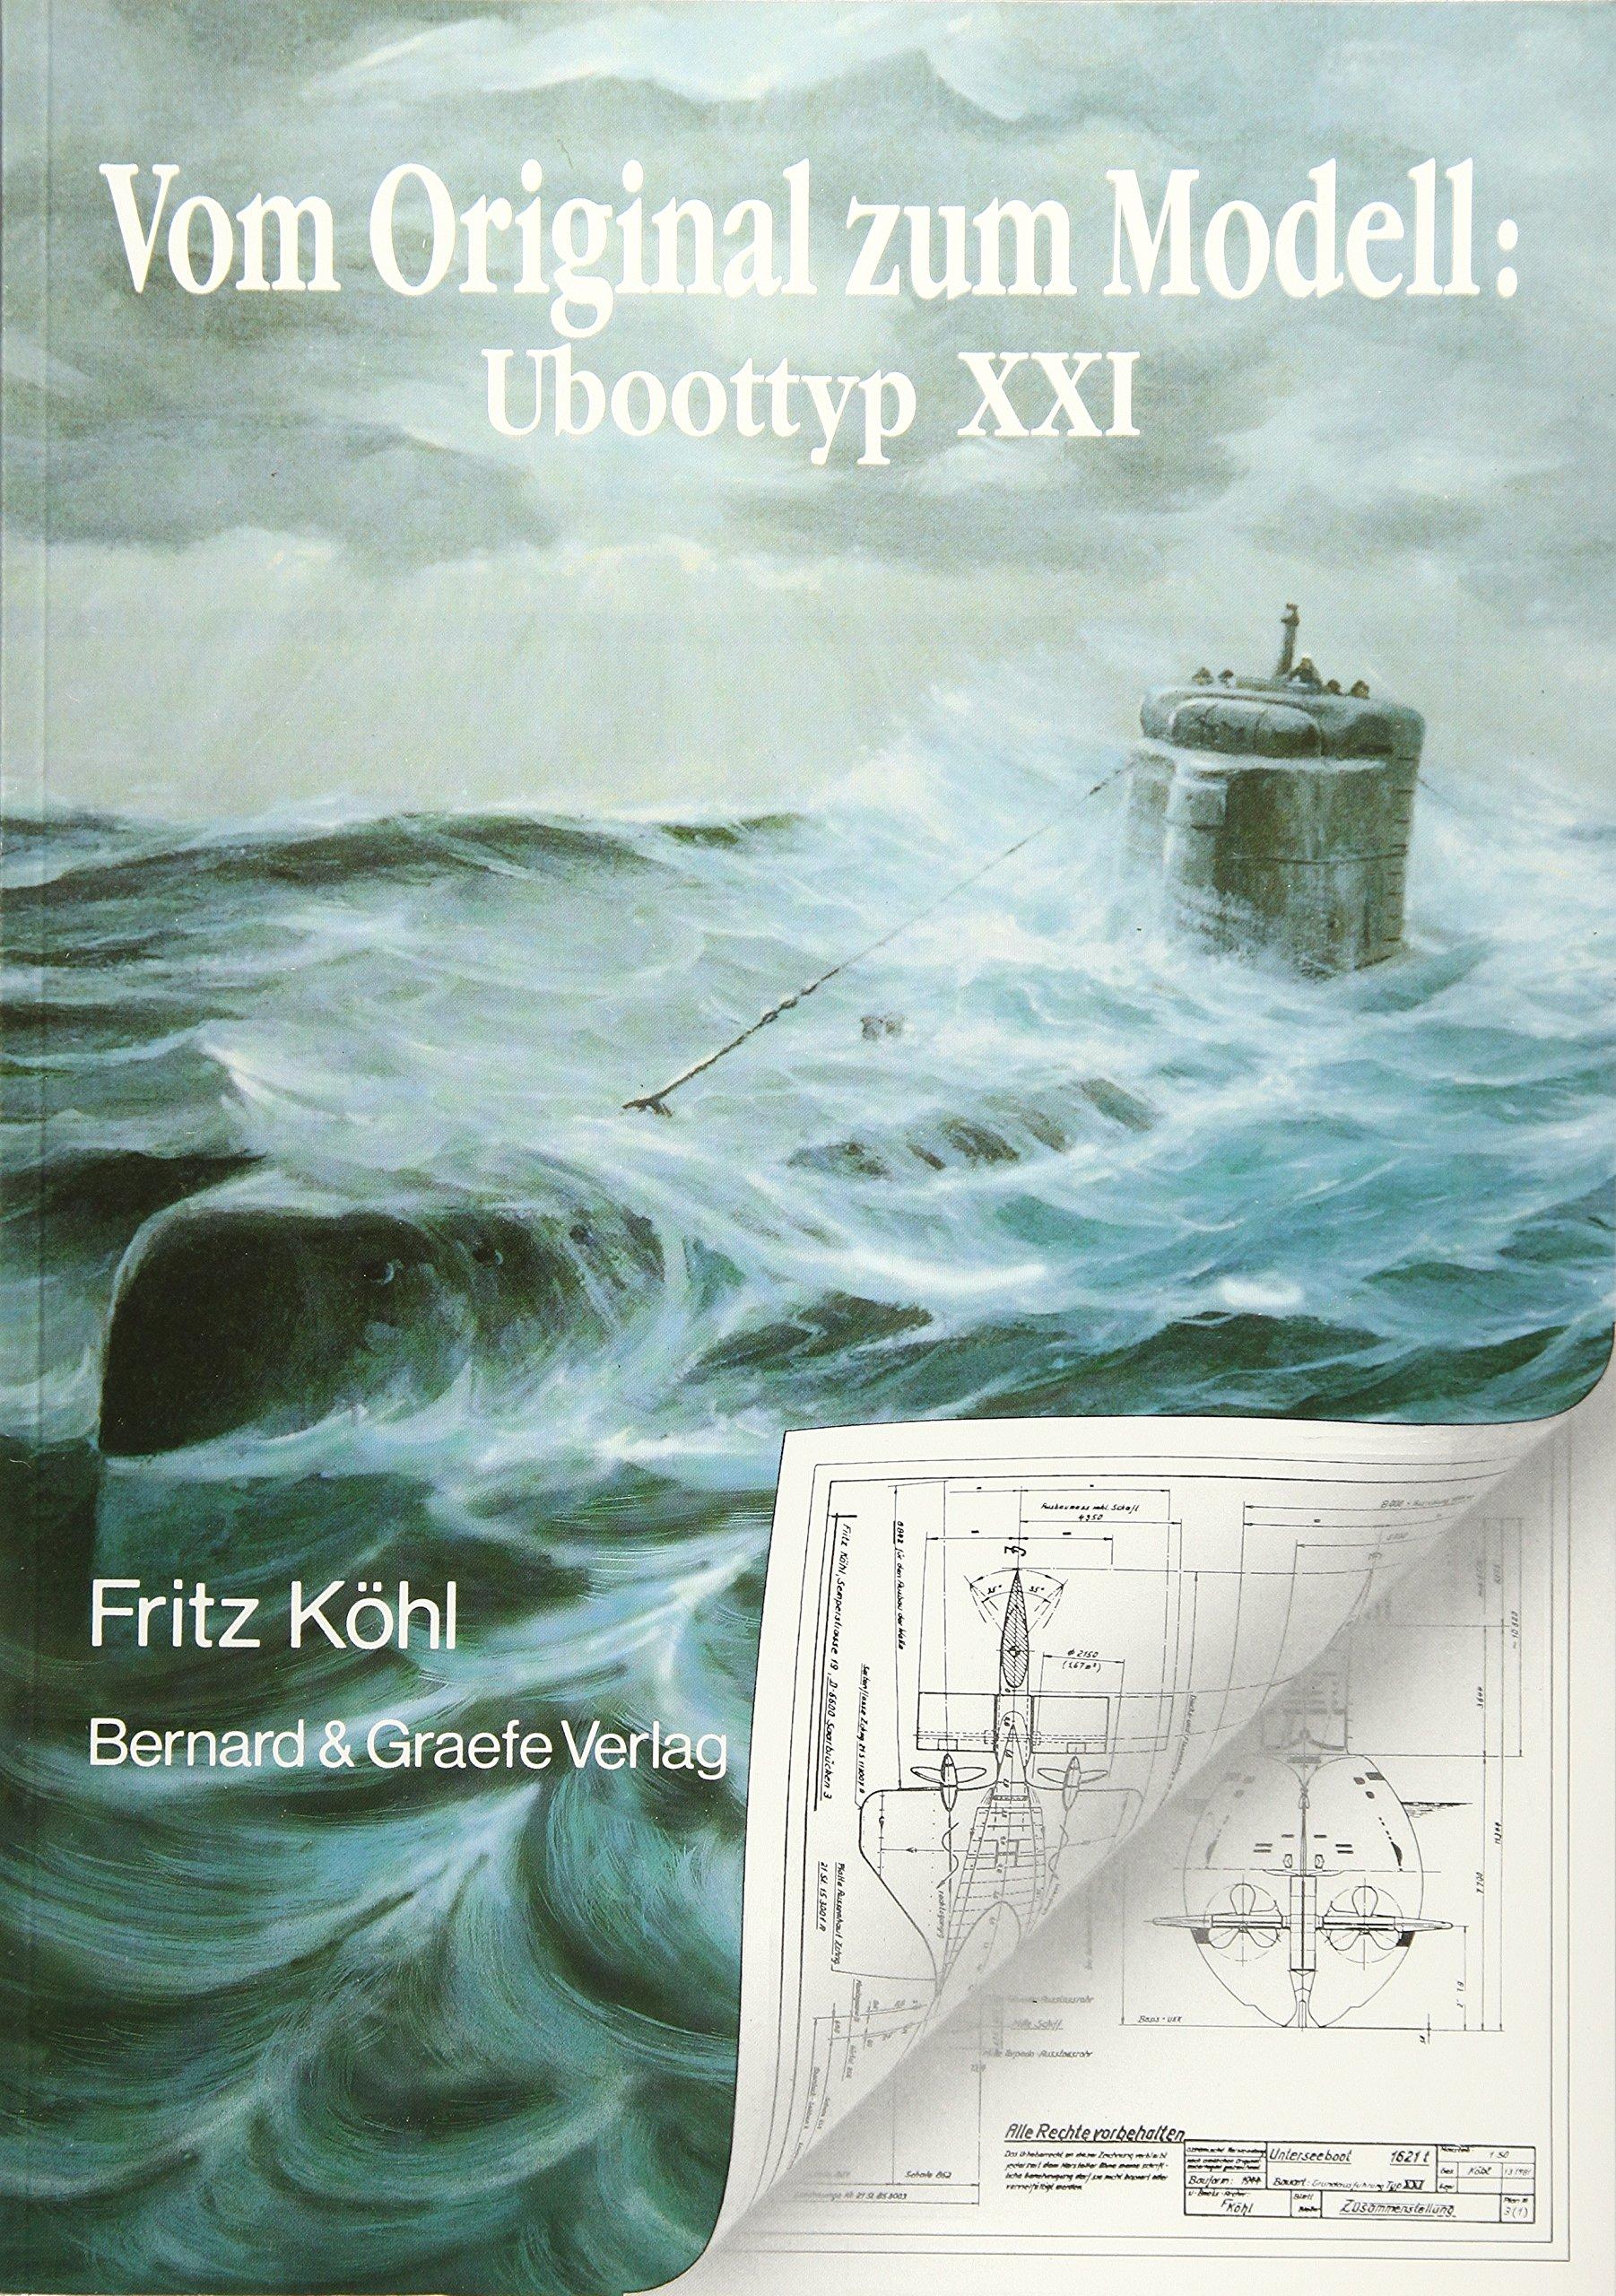 Vom Original zum Modell: Uboottyp XXI: Eine Bild- und Plandokumentation